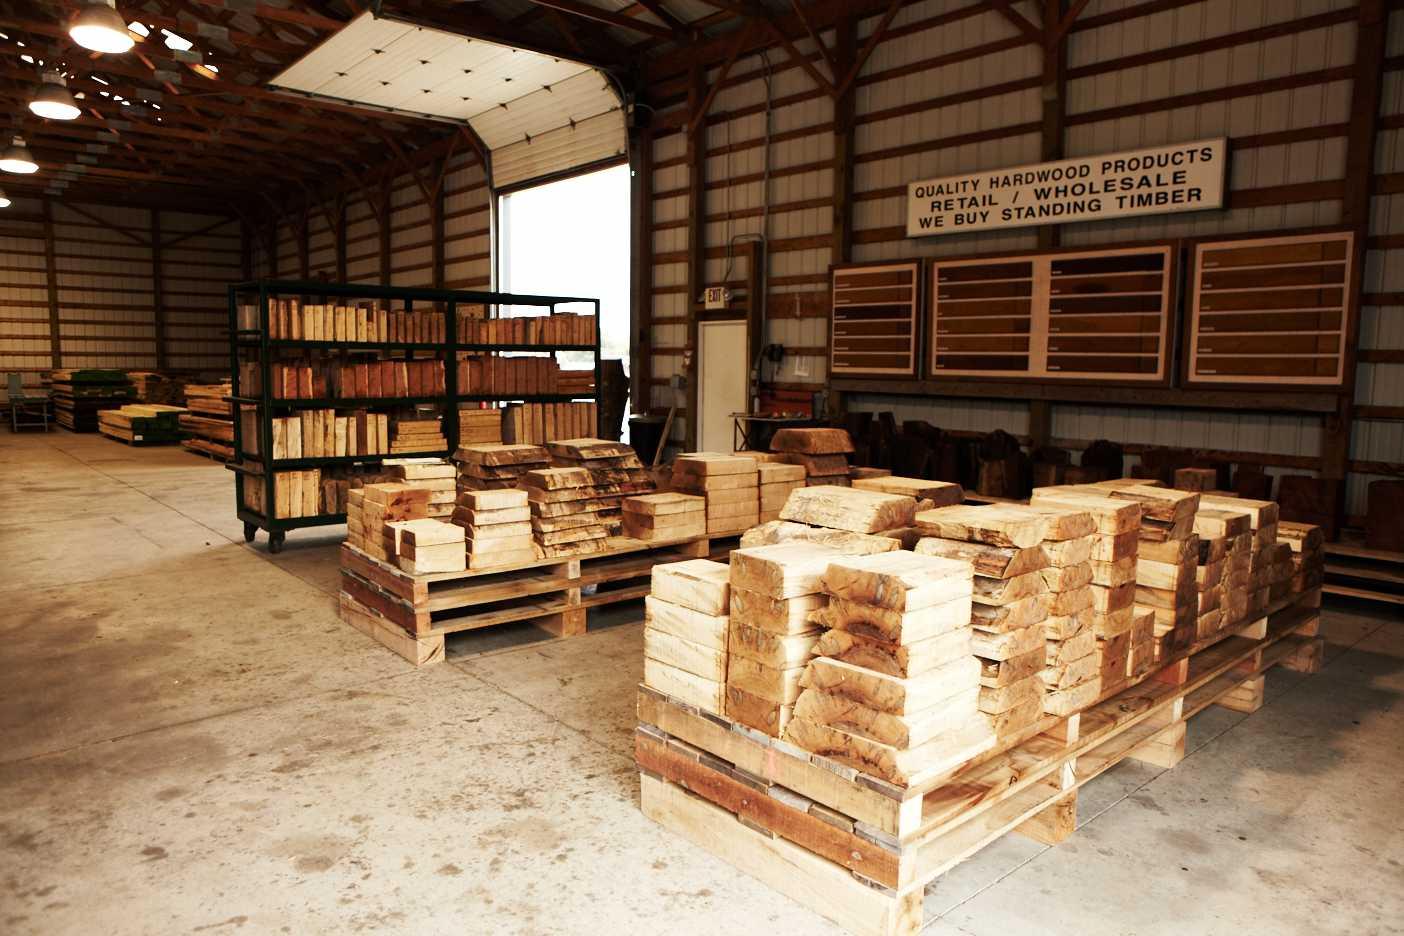 doll kiln dried lumber